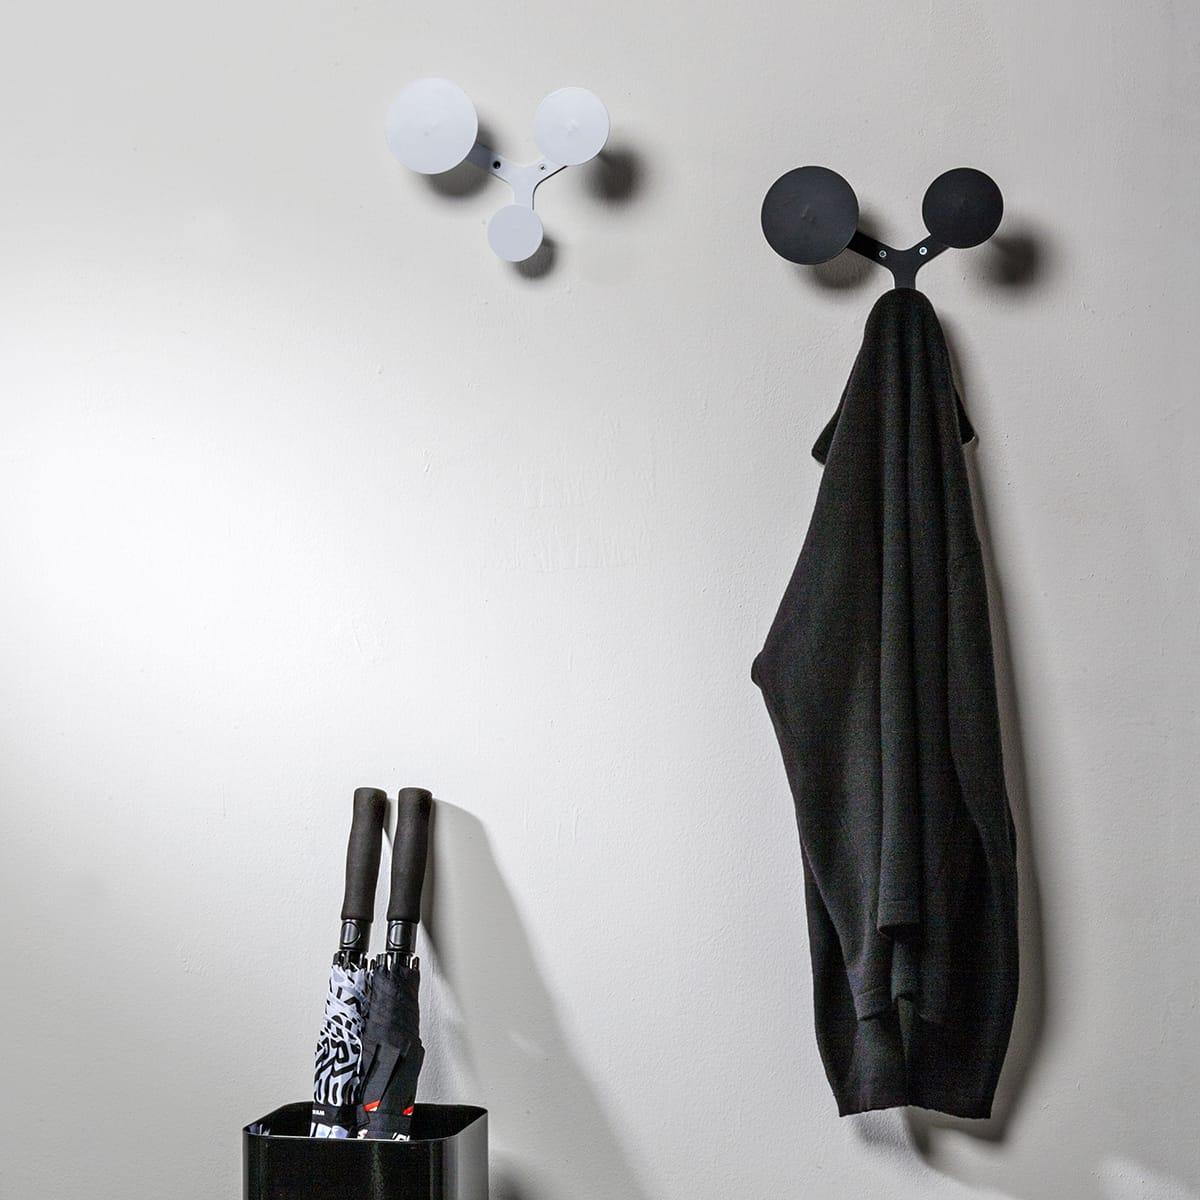 due appendiabiti a muro uno bianco e uno nero composti da 3 dischi ciascuno di dimensioni diverse